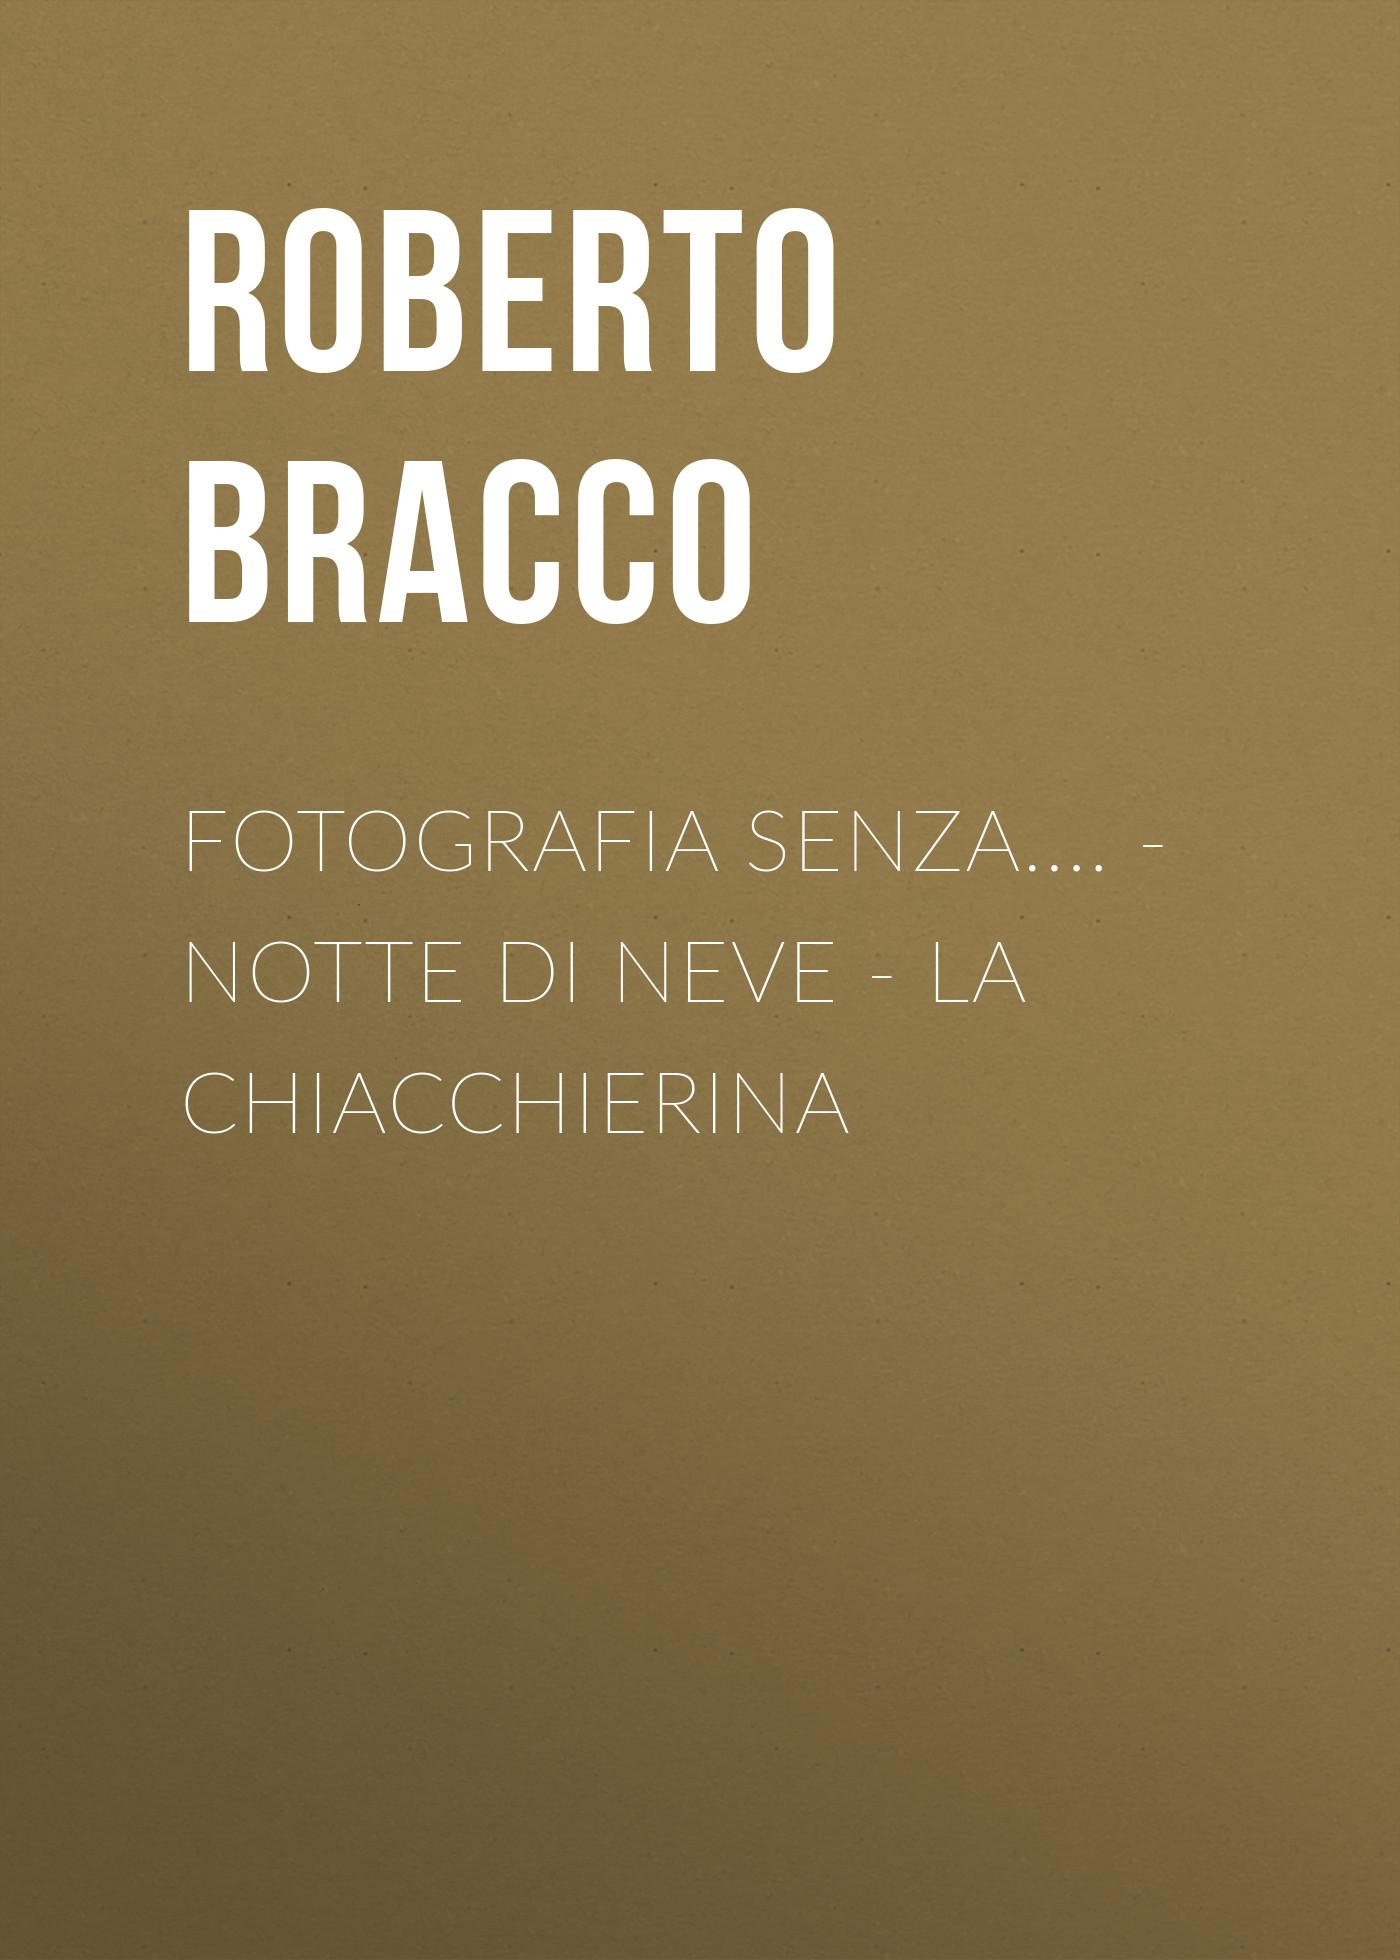 Bracco Roberto Fotografia senza.... - Notte di neve - La chiacchierina bracco roberto la piccola fonte dramma in quattro atti